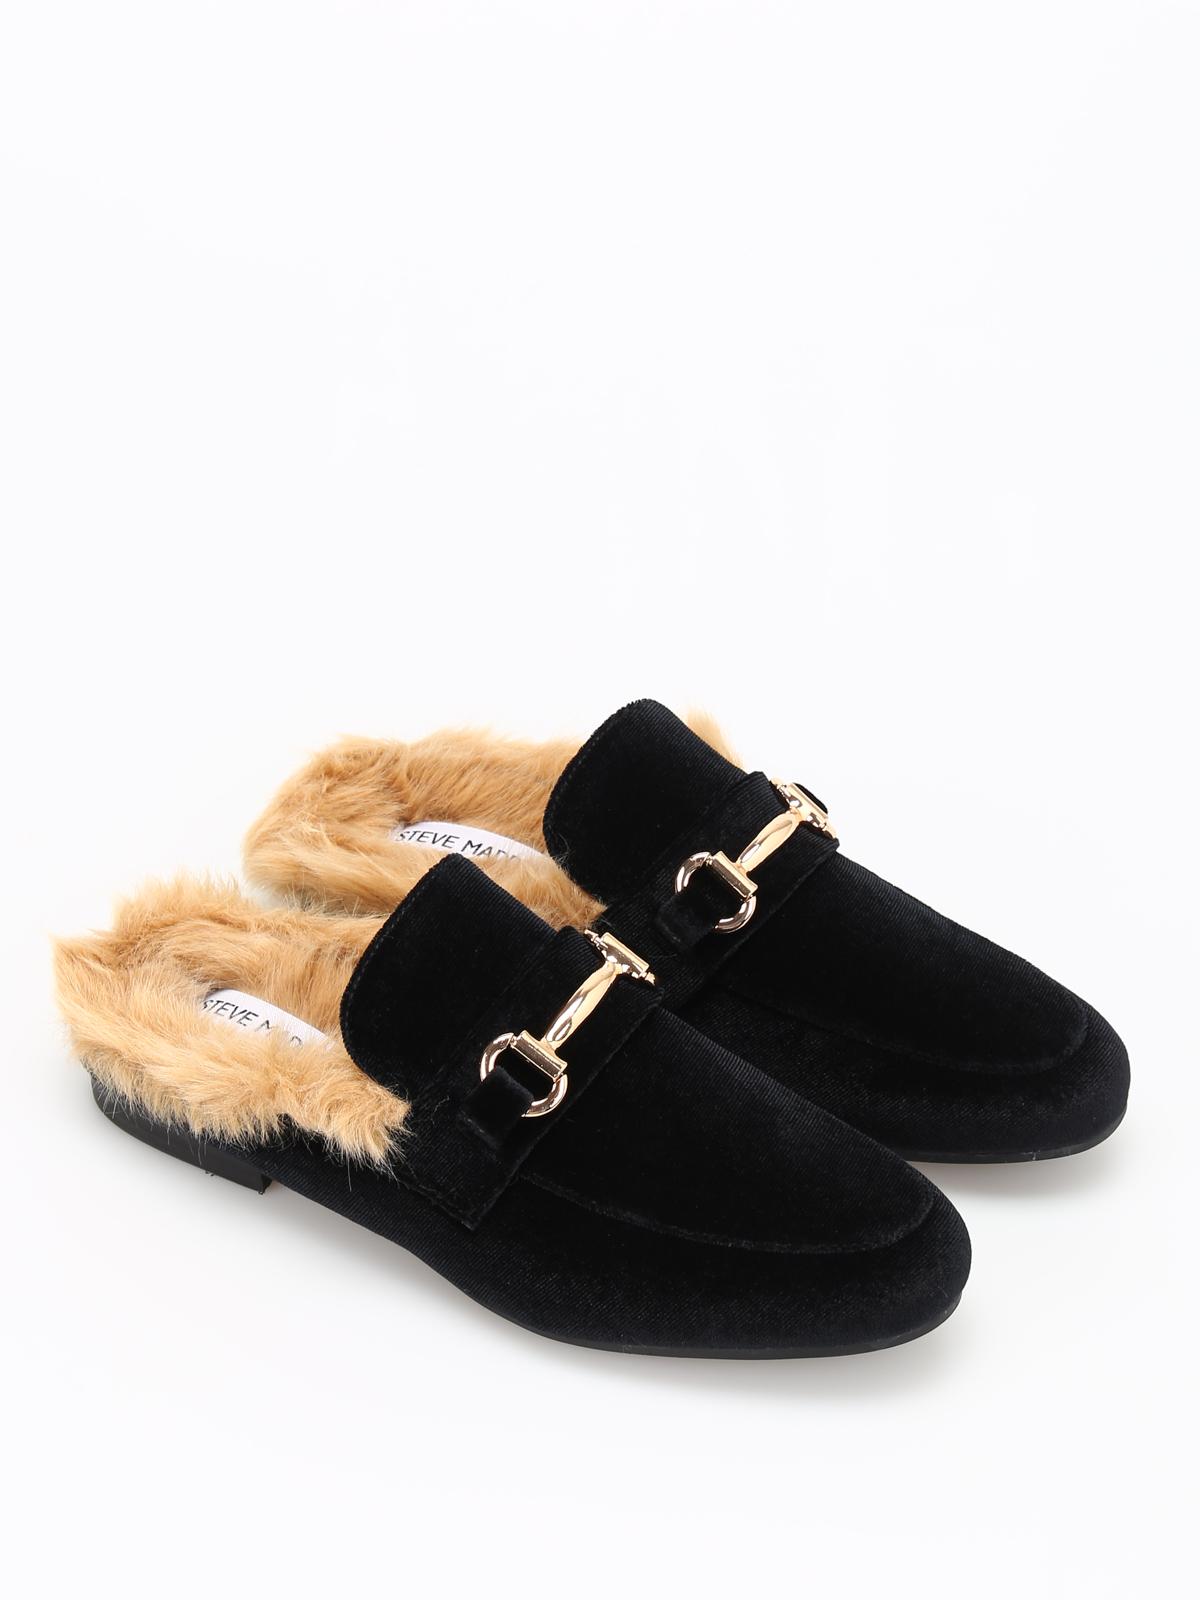 8389b6e1e38 Steve Madden  Loafers   Slippers online - Jill faux fur lined velvet  slippers